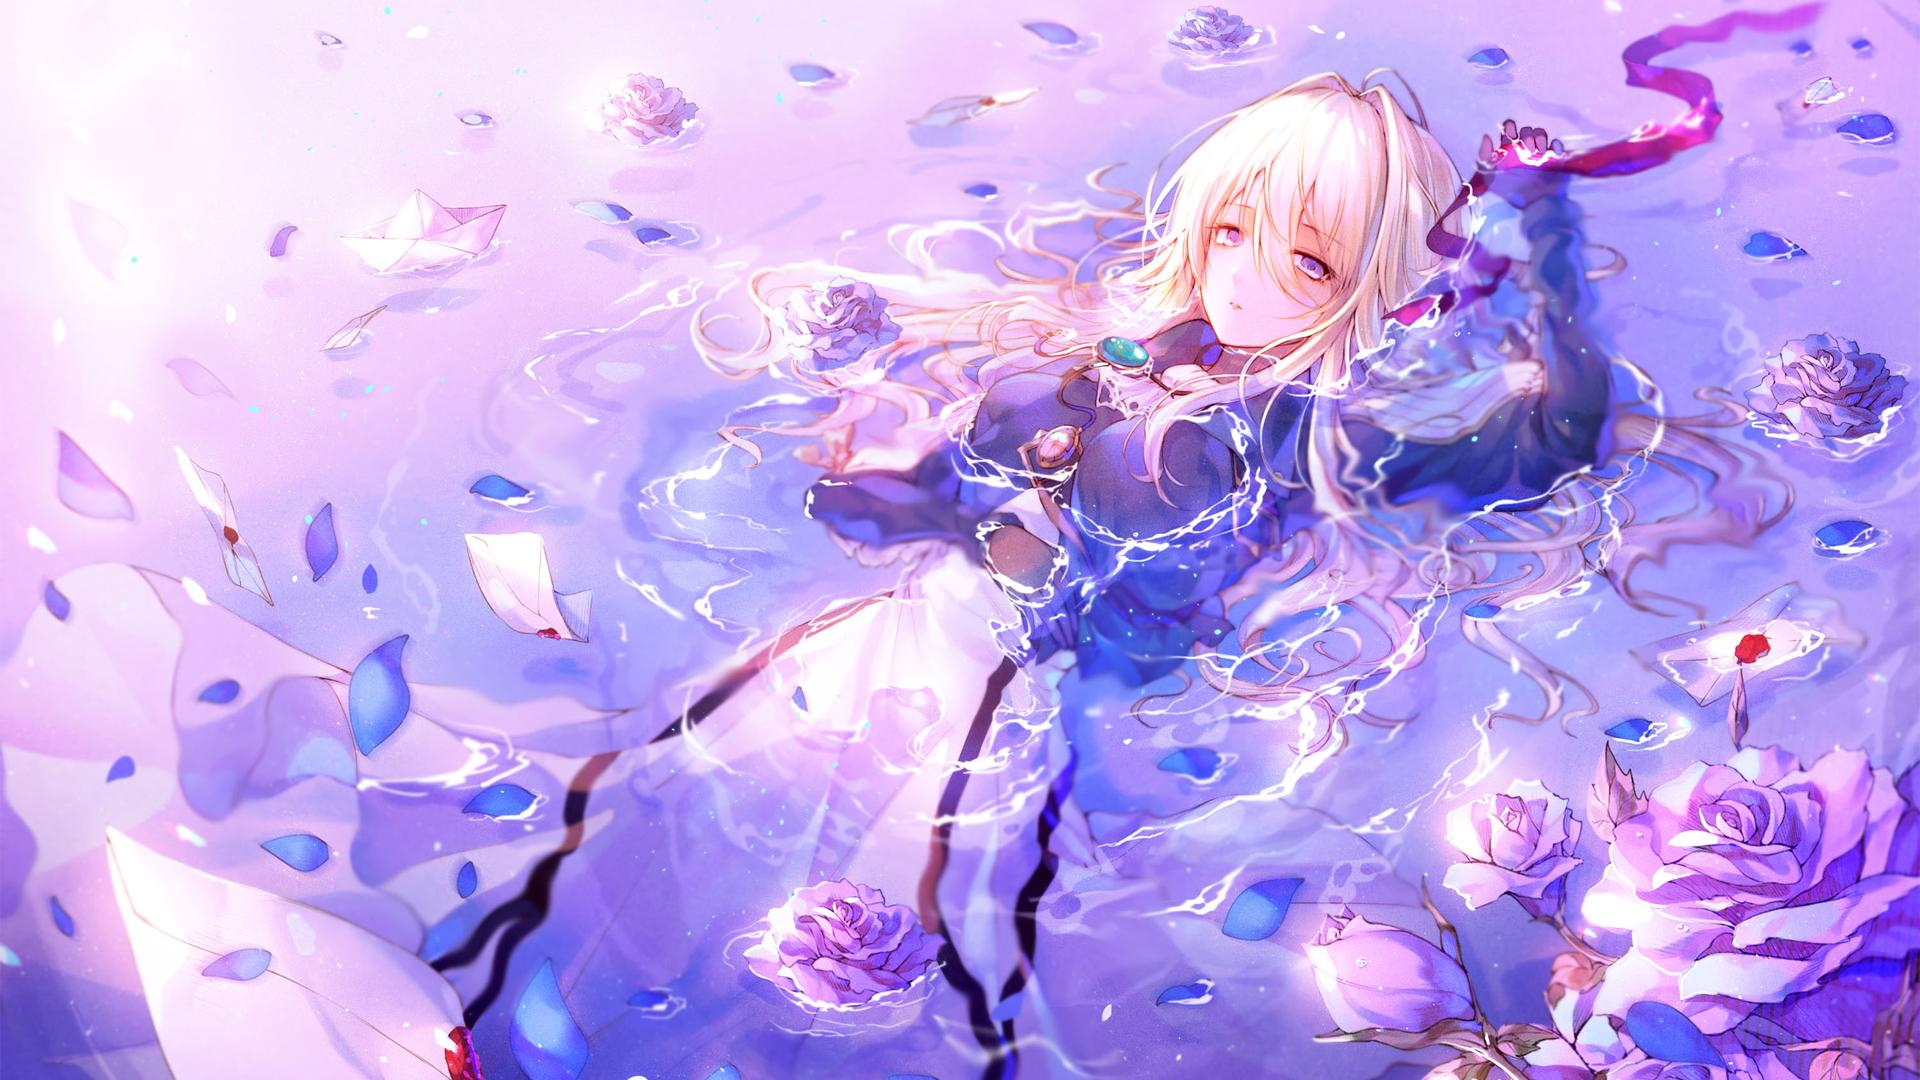 紫罗兰永恒花园 水中 花瓣 薇尔莉特伊芙加登壁纸